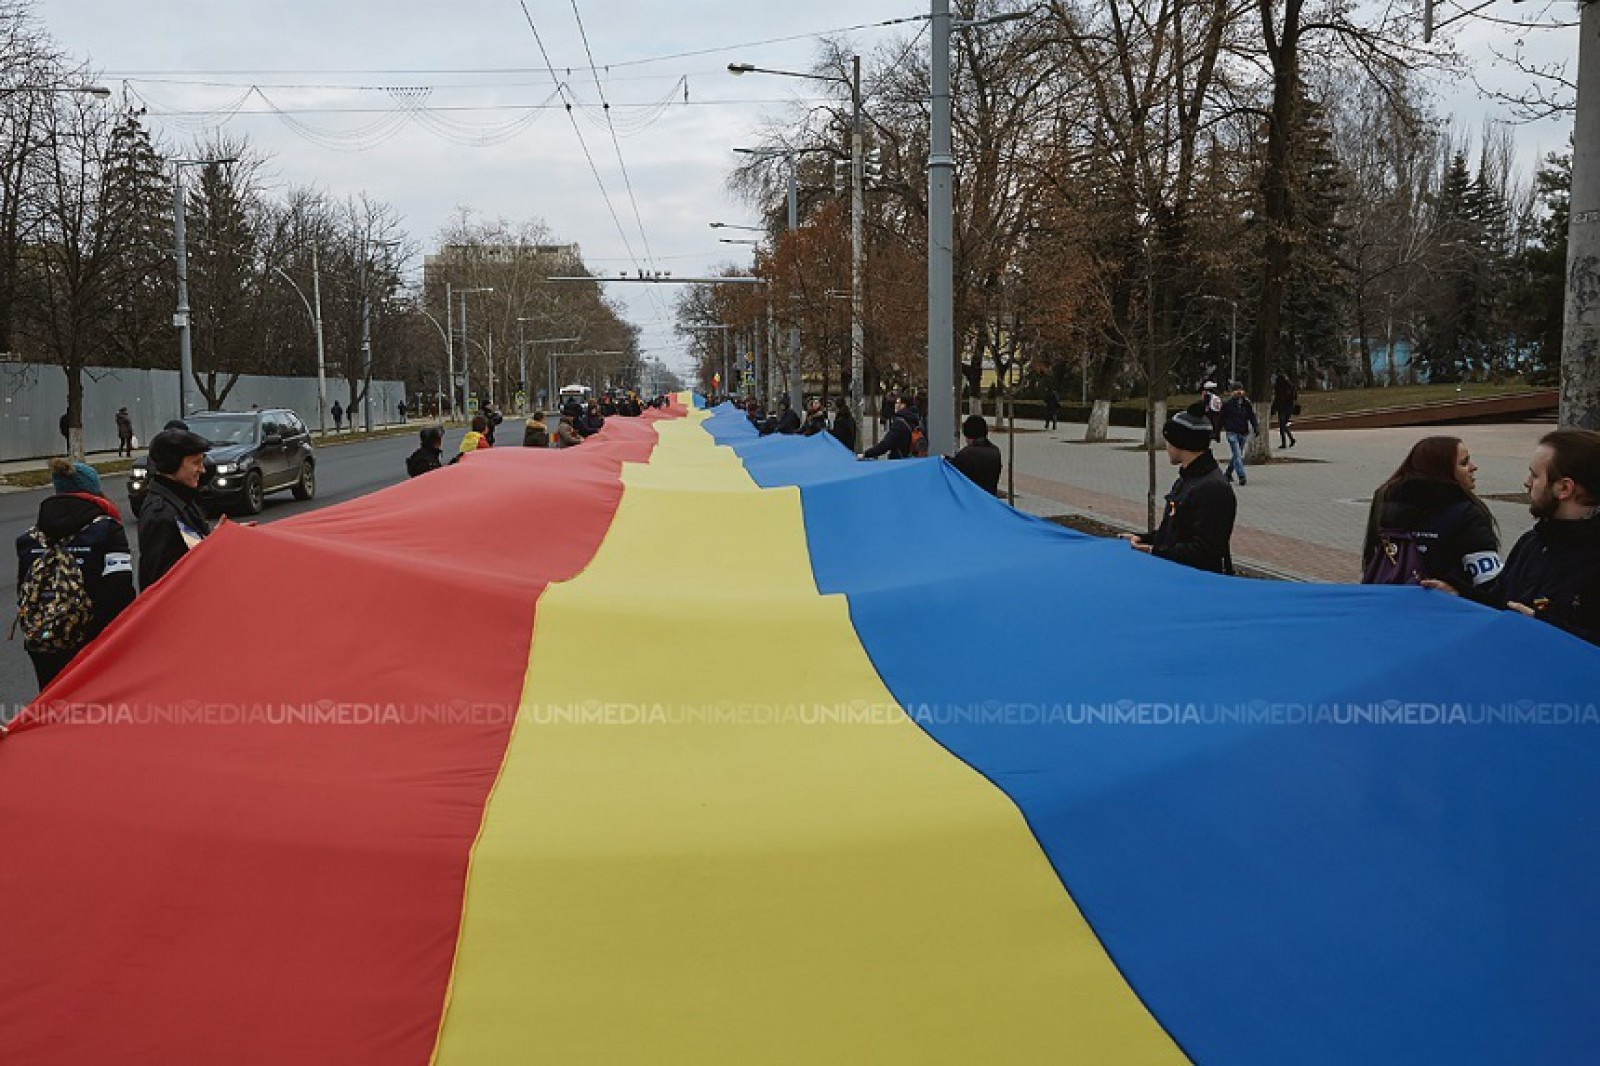 Manifestaţie dedicată împlinirii a 100 de ani de la unirea Basarabiei cu România astăzi la Chişinău; Băsescu, Orban, Barna şi-au anunţat participarea